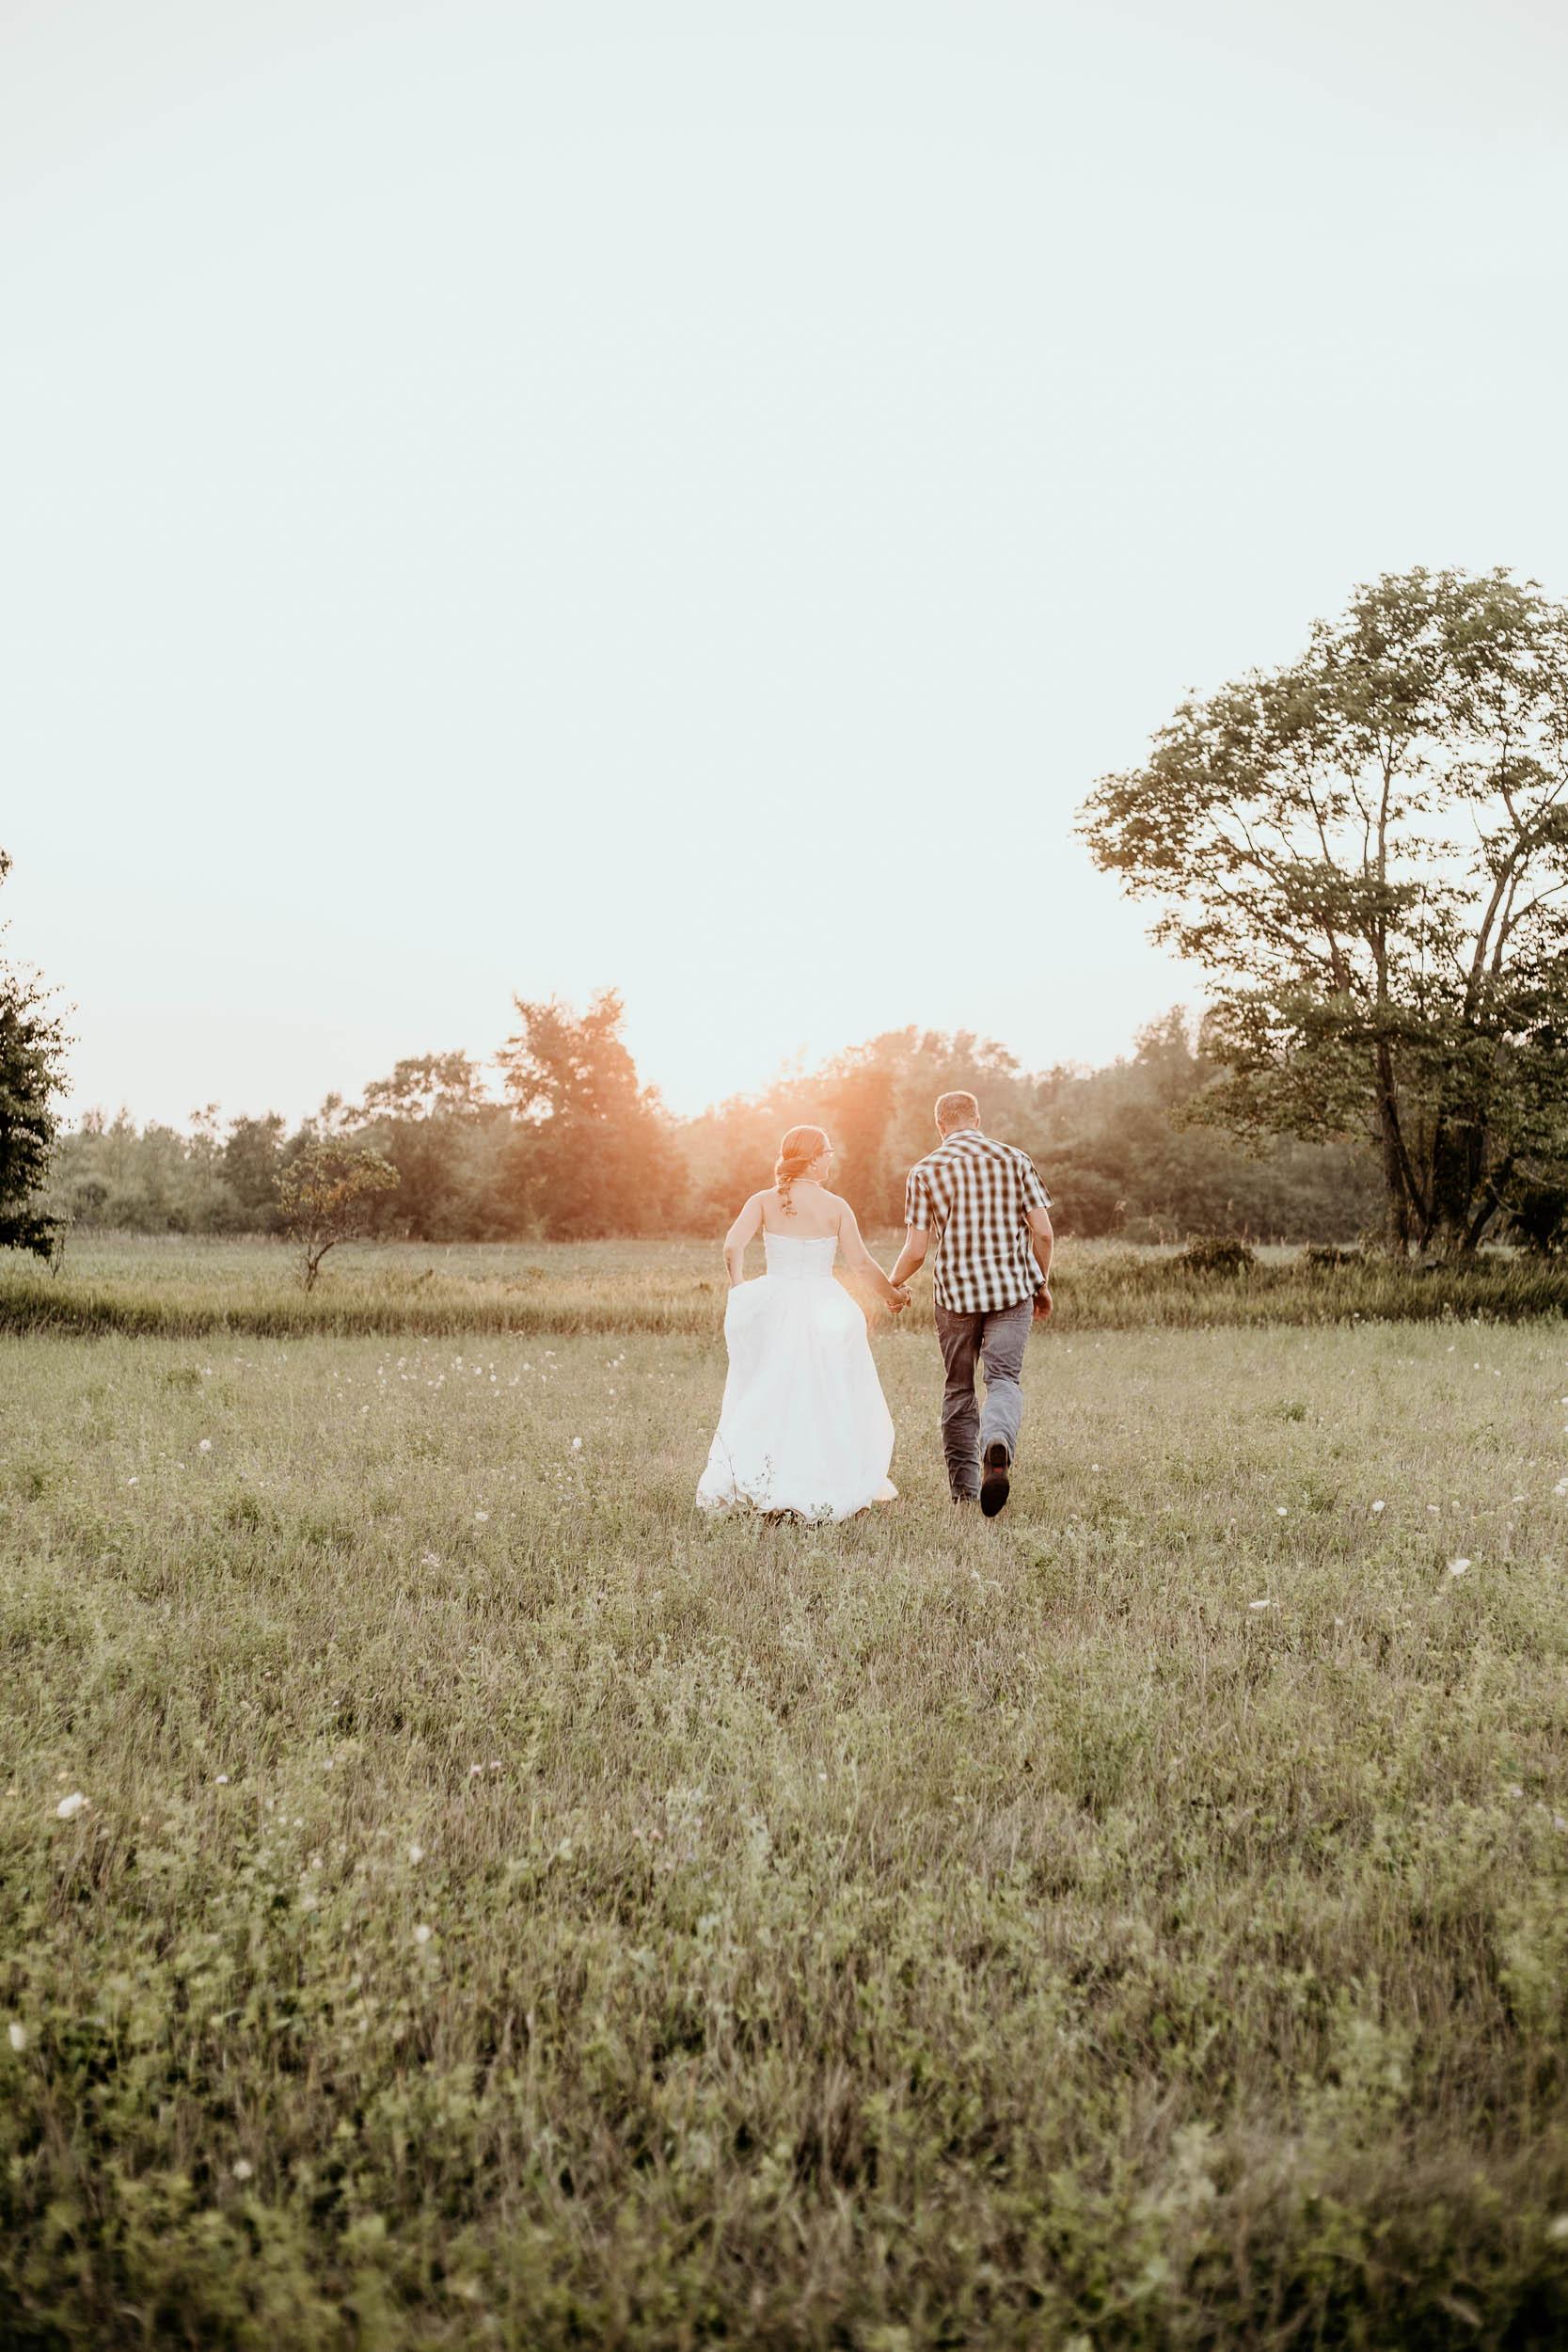 intimate-wedding-elopement-photographer-ottawa-joshua-tree-3018.jpg